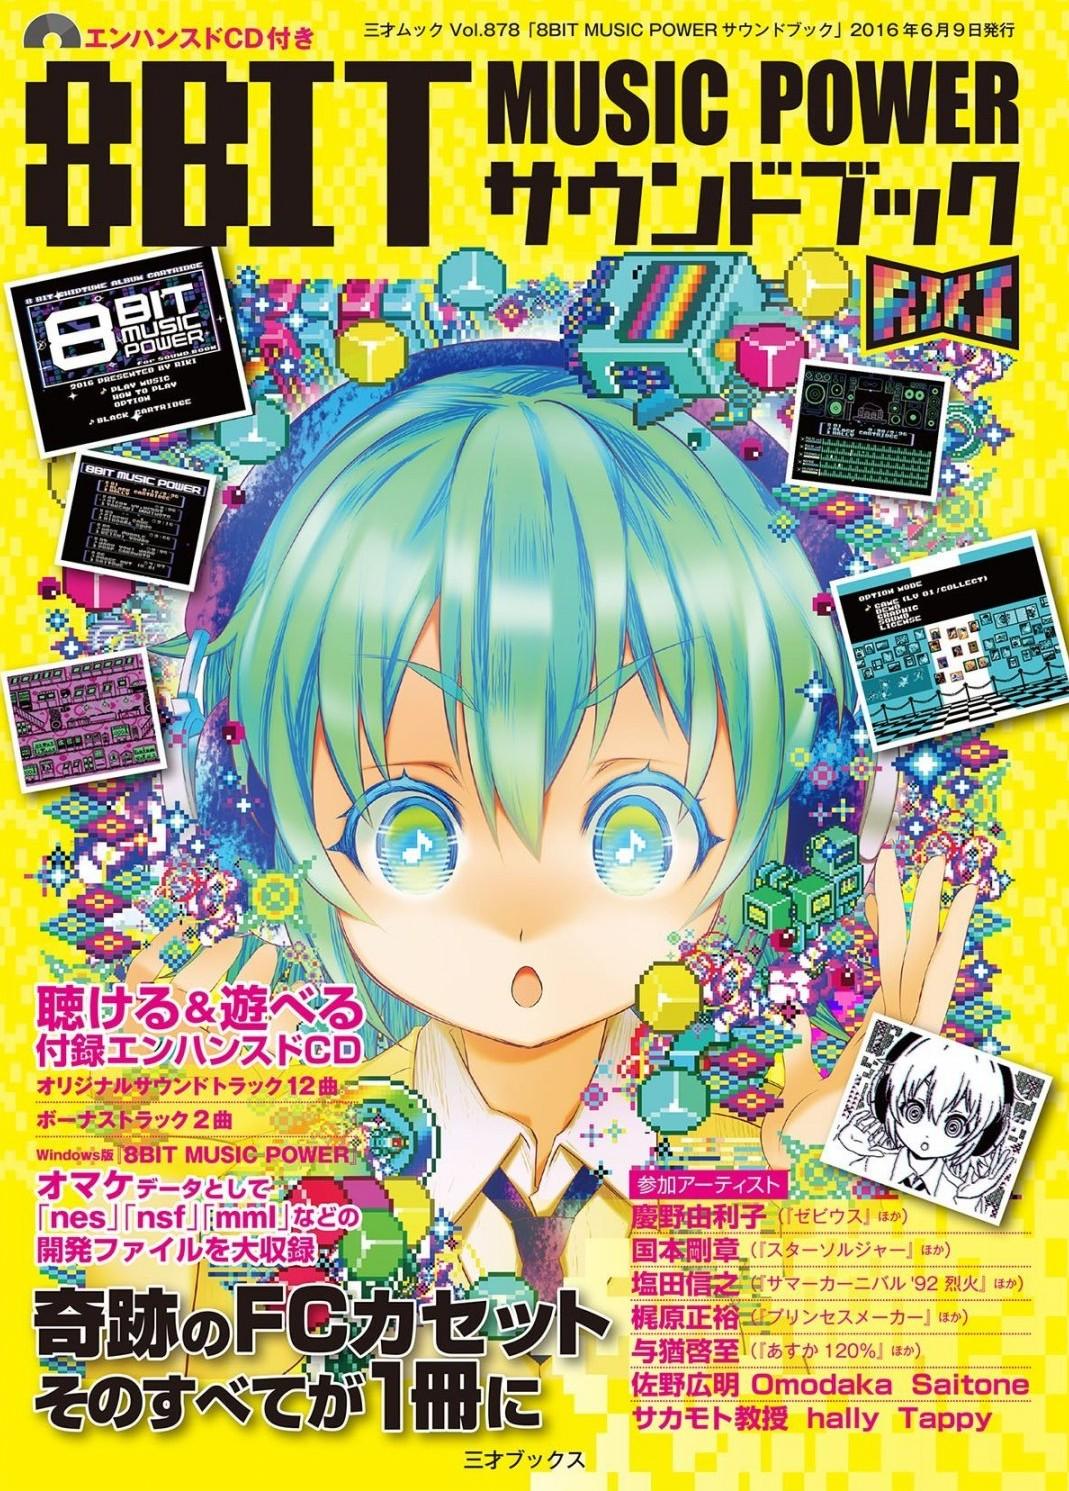 8Bit Music Power Book: Retro-Spielemusik aus Japan als Buch und CD